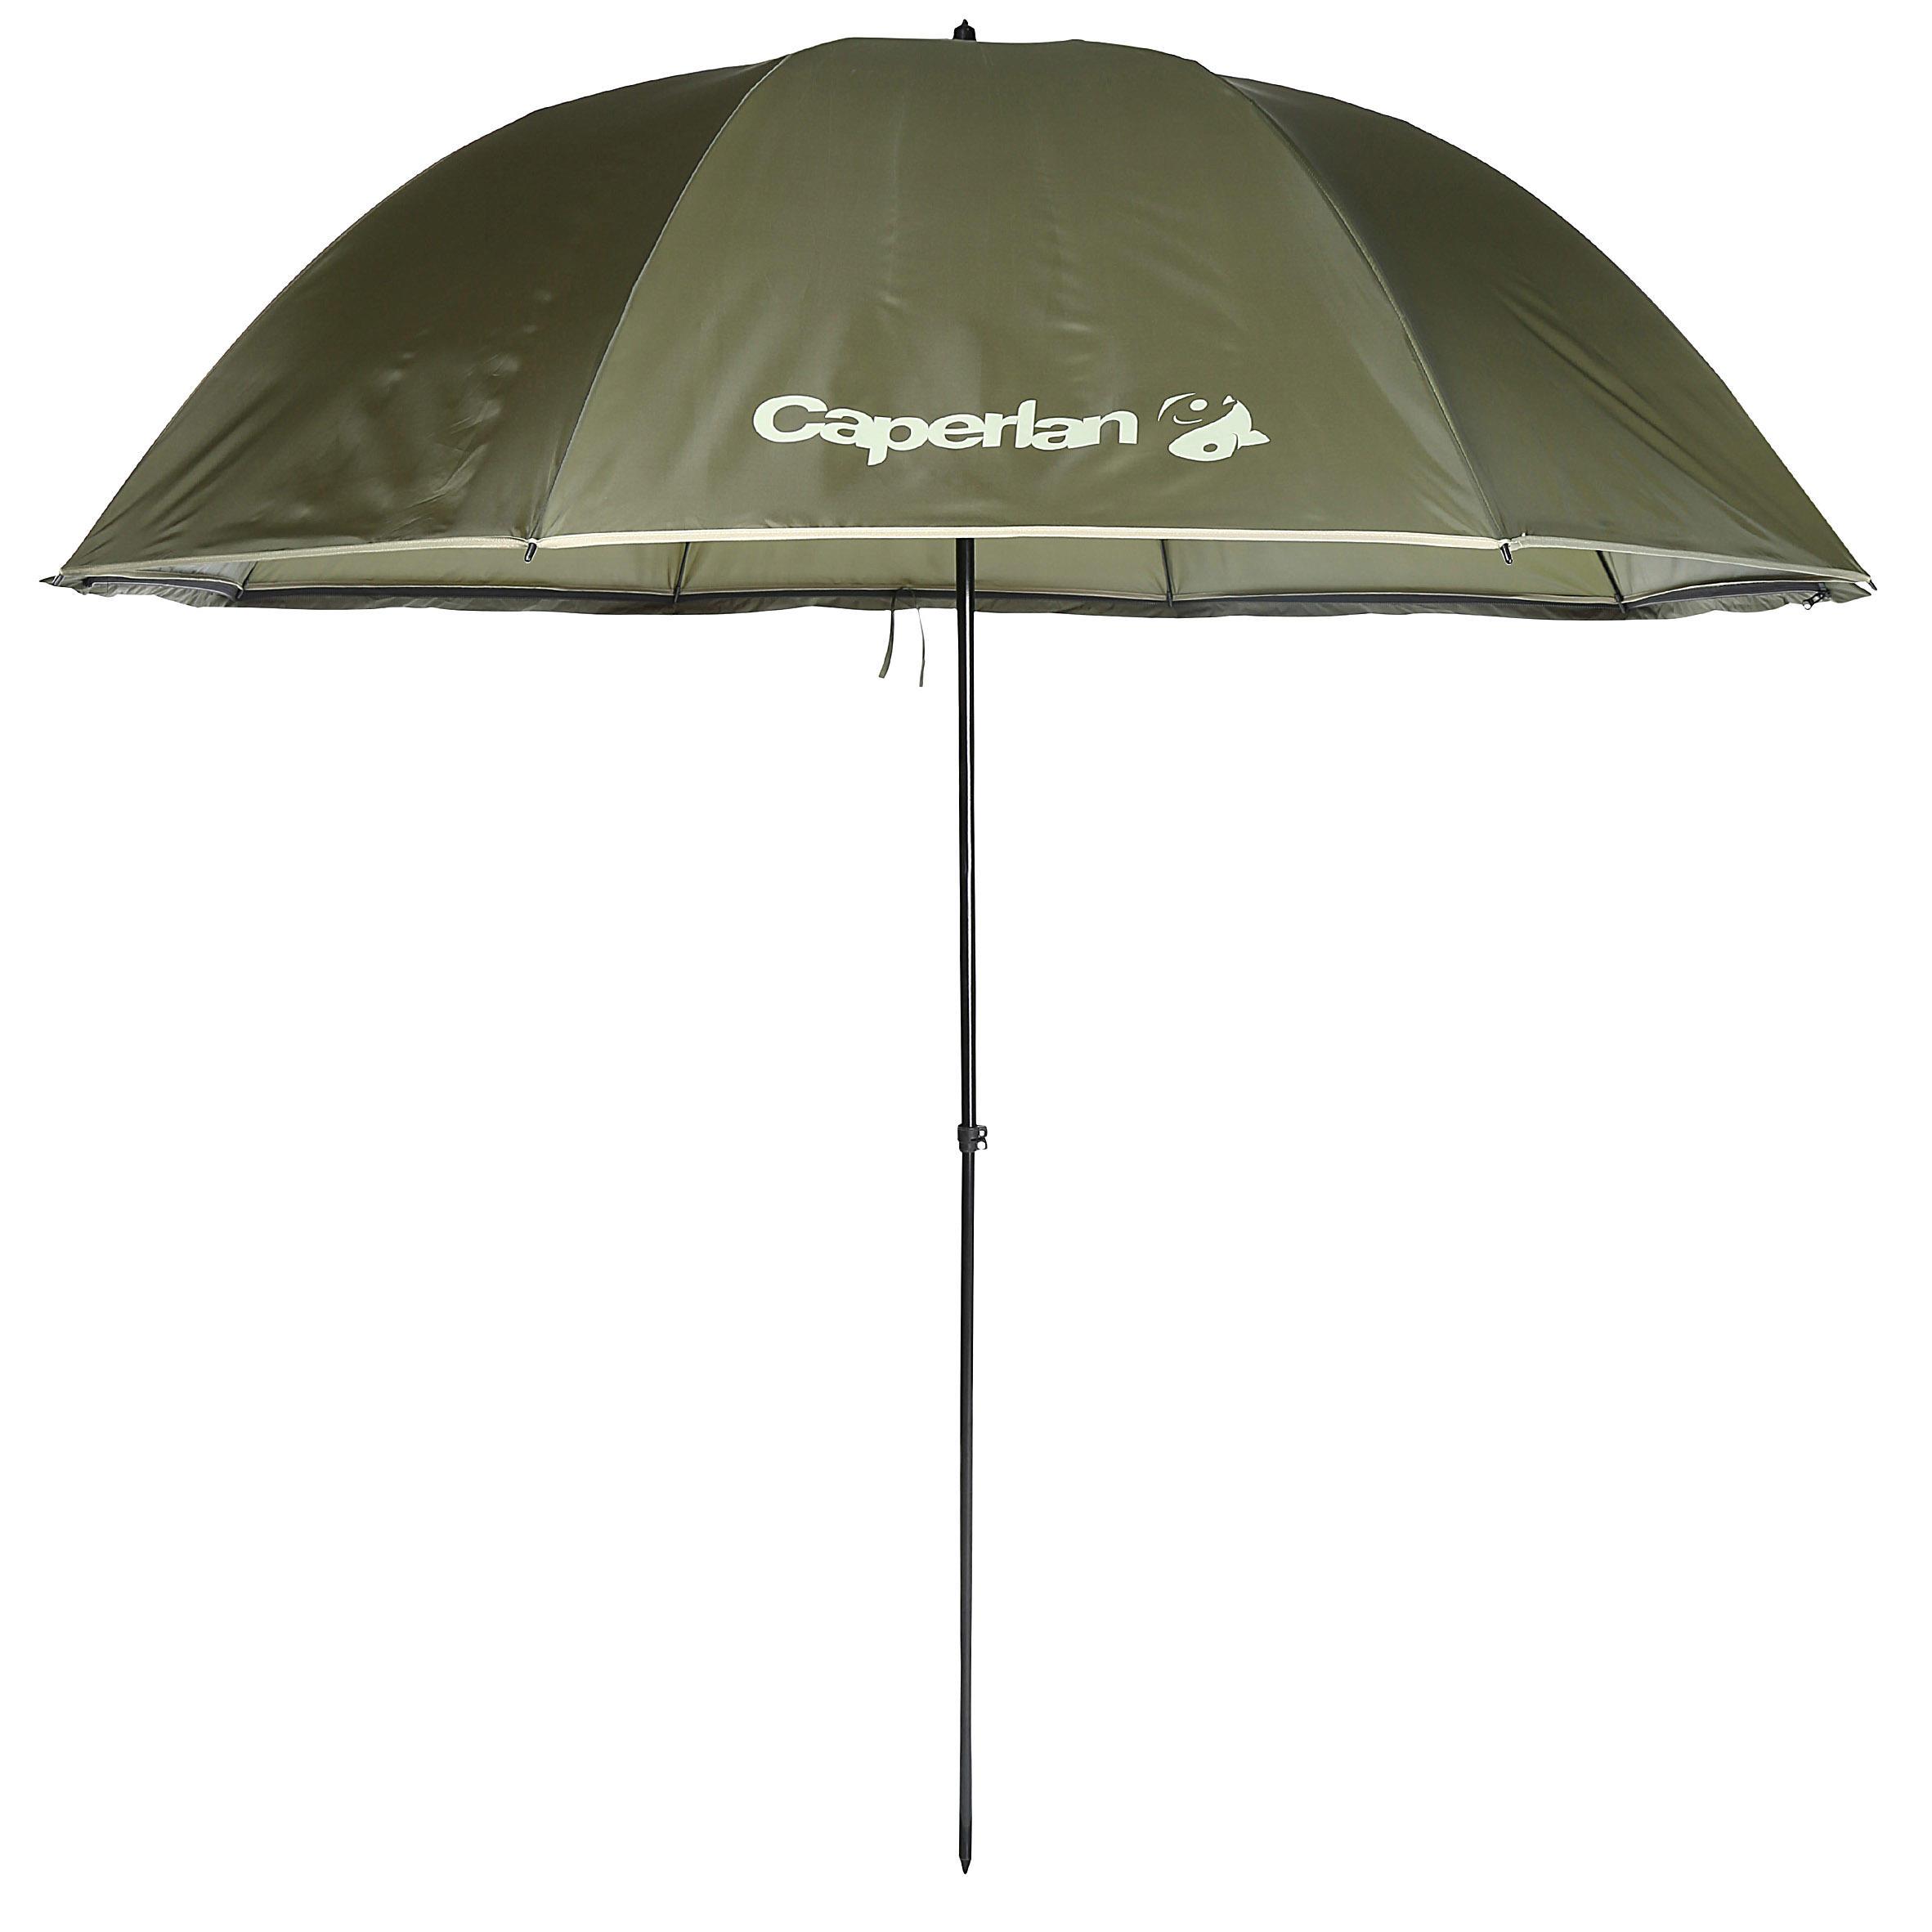 CAPERLAN Parapluie pêche taille XL - CAPERLAN - Taille unique